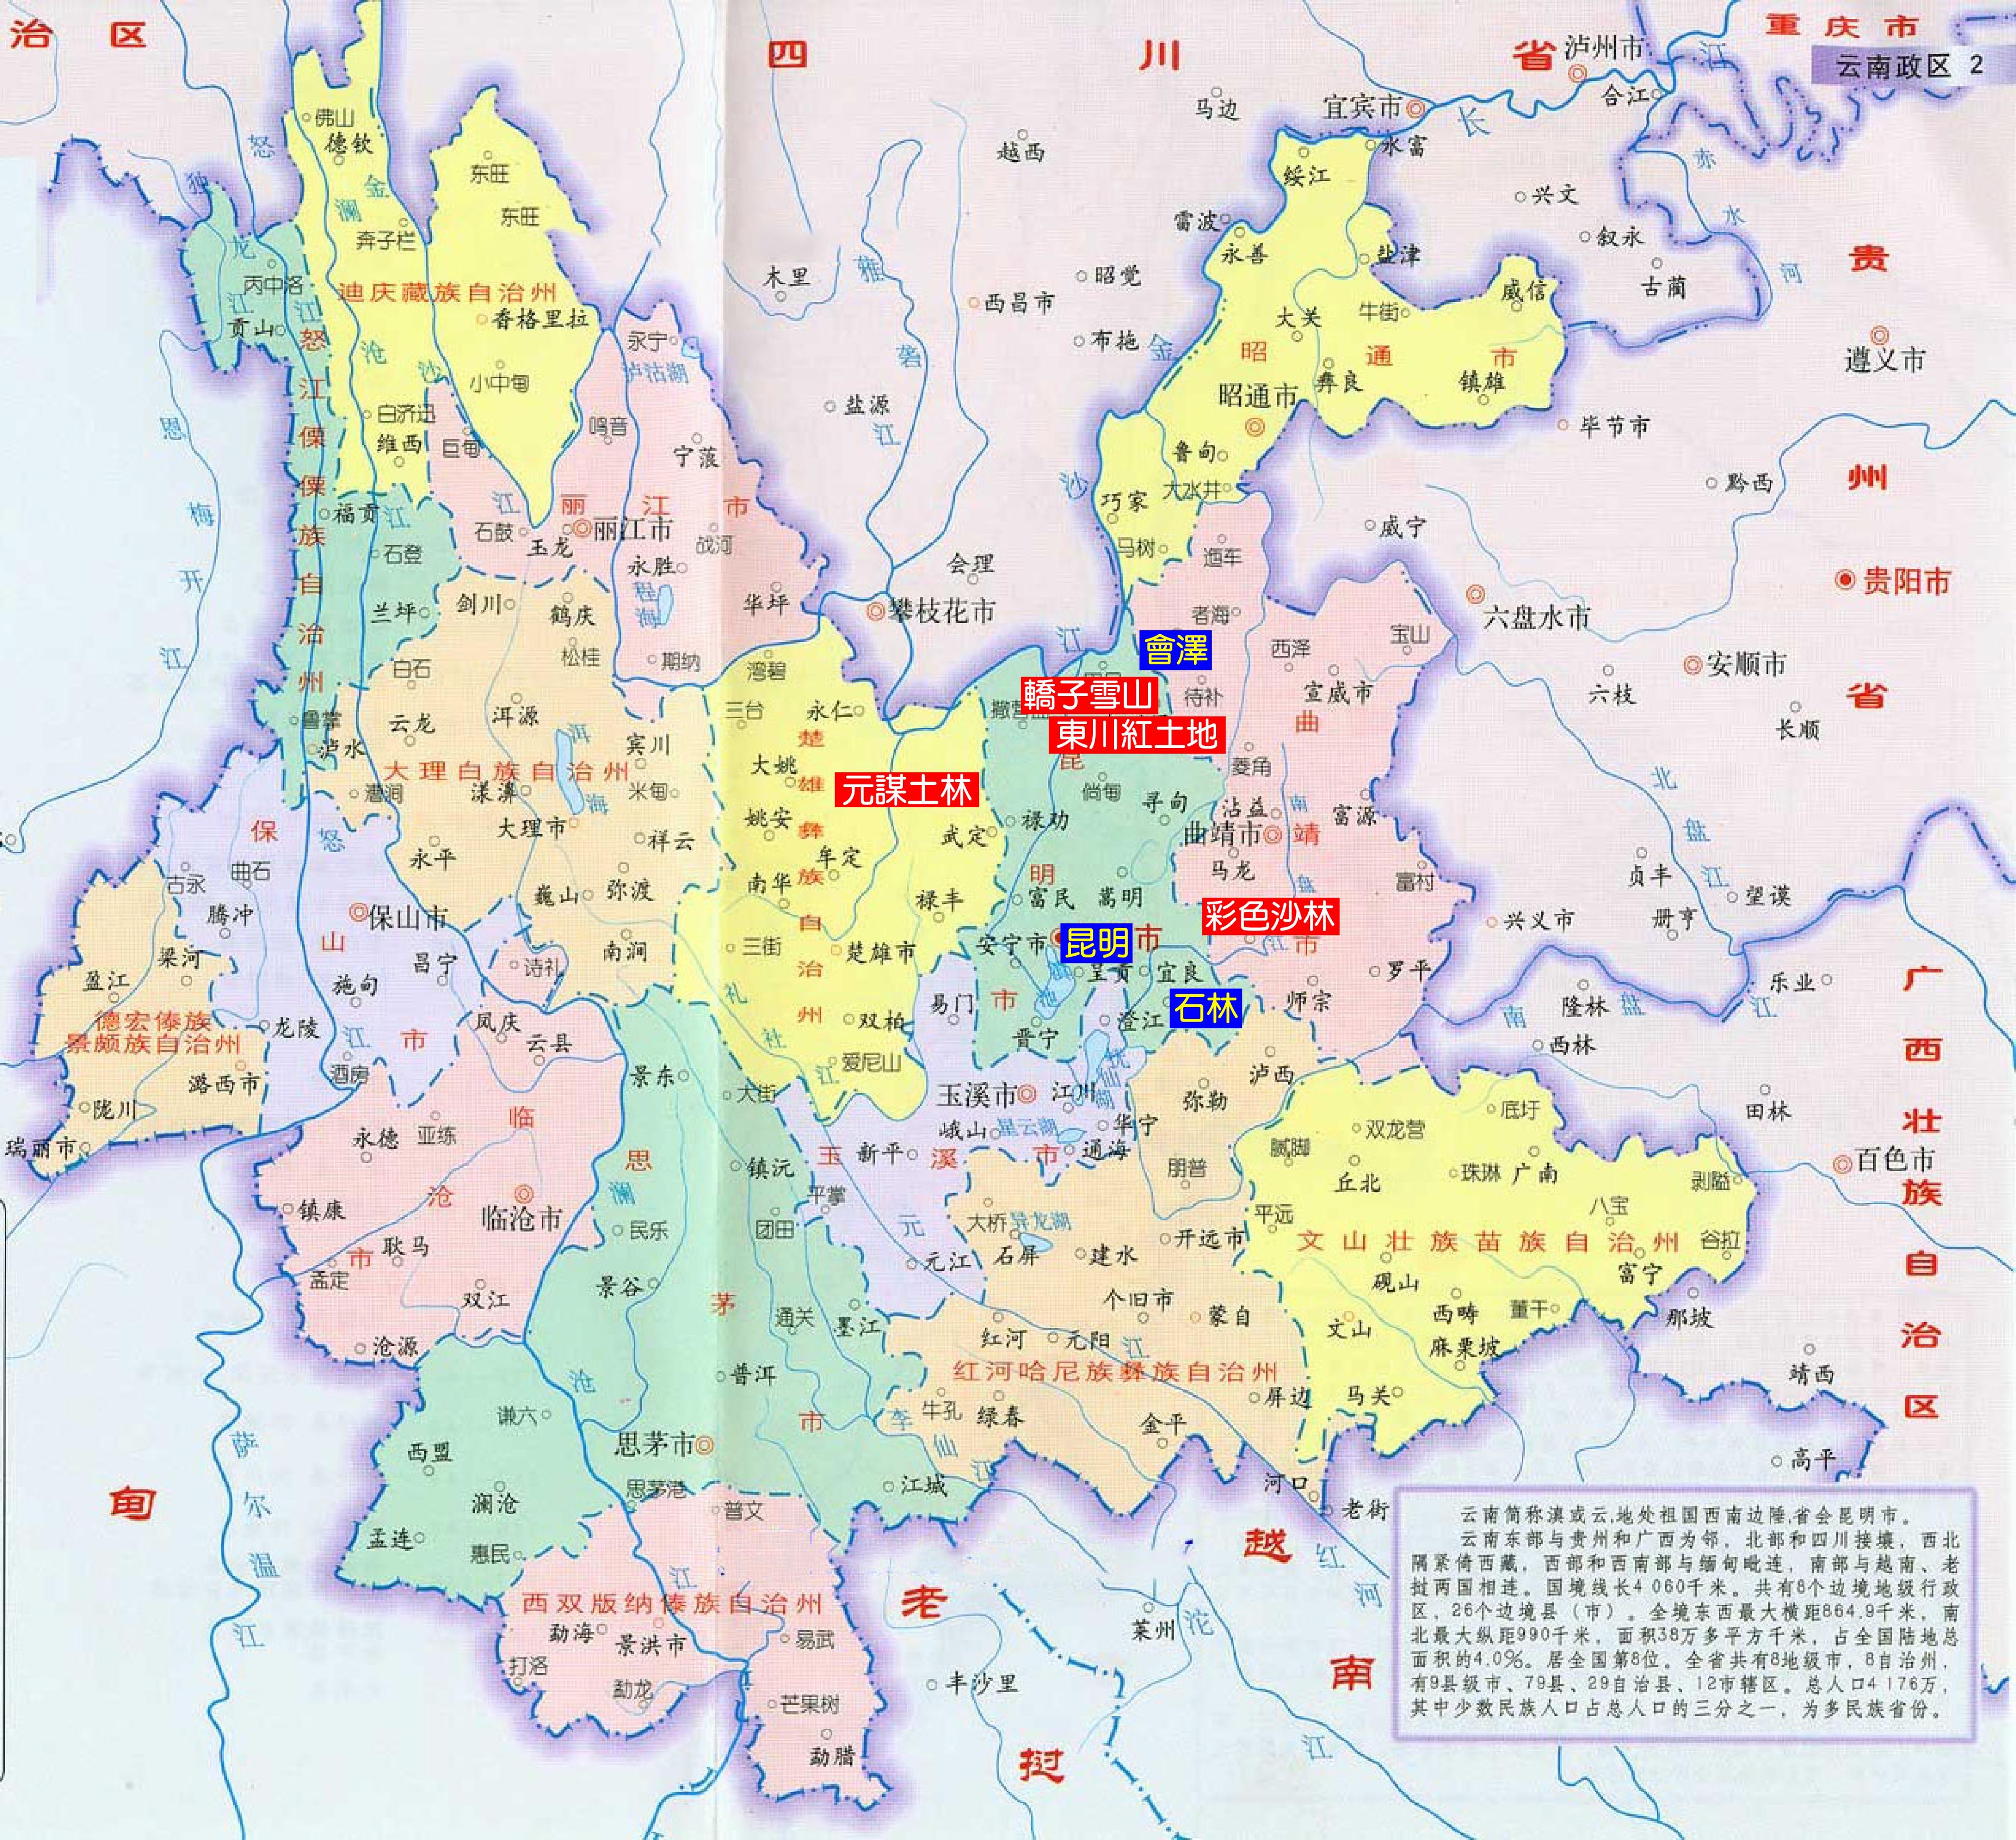 東川紅土地電子地圖